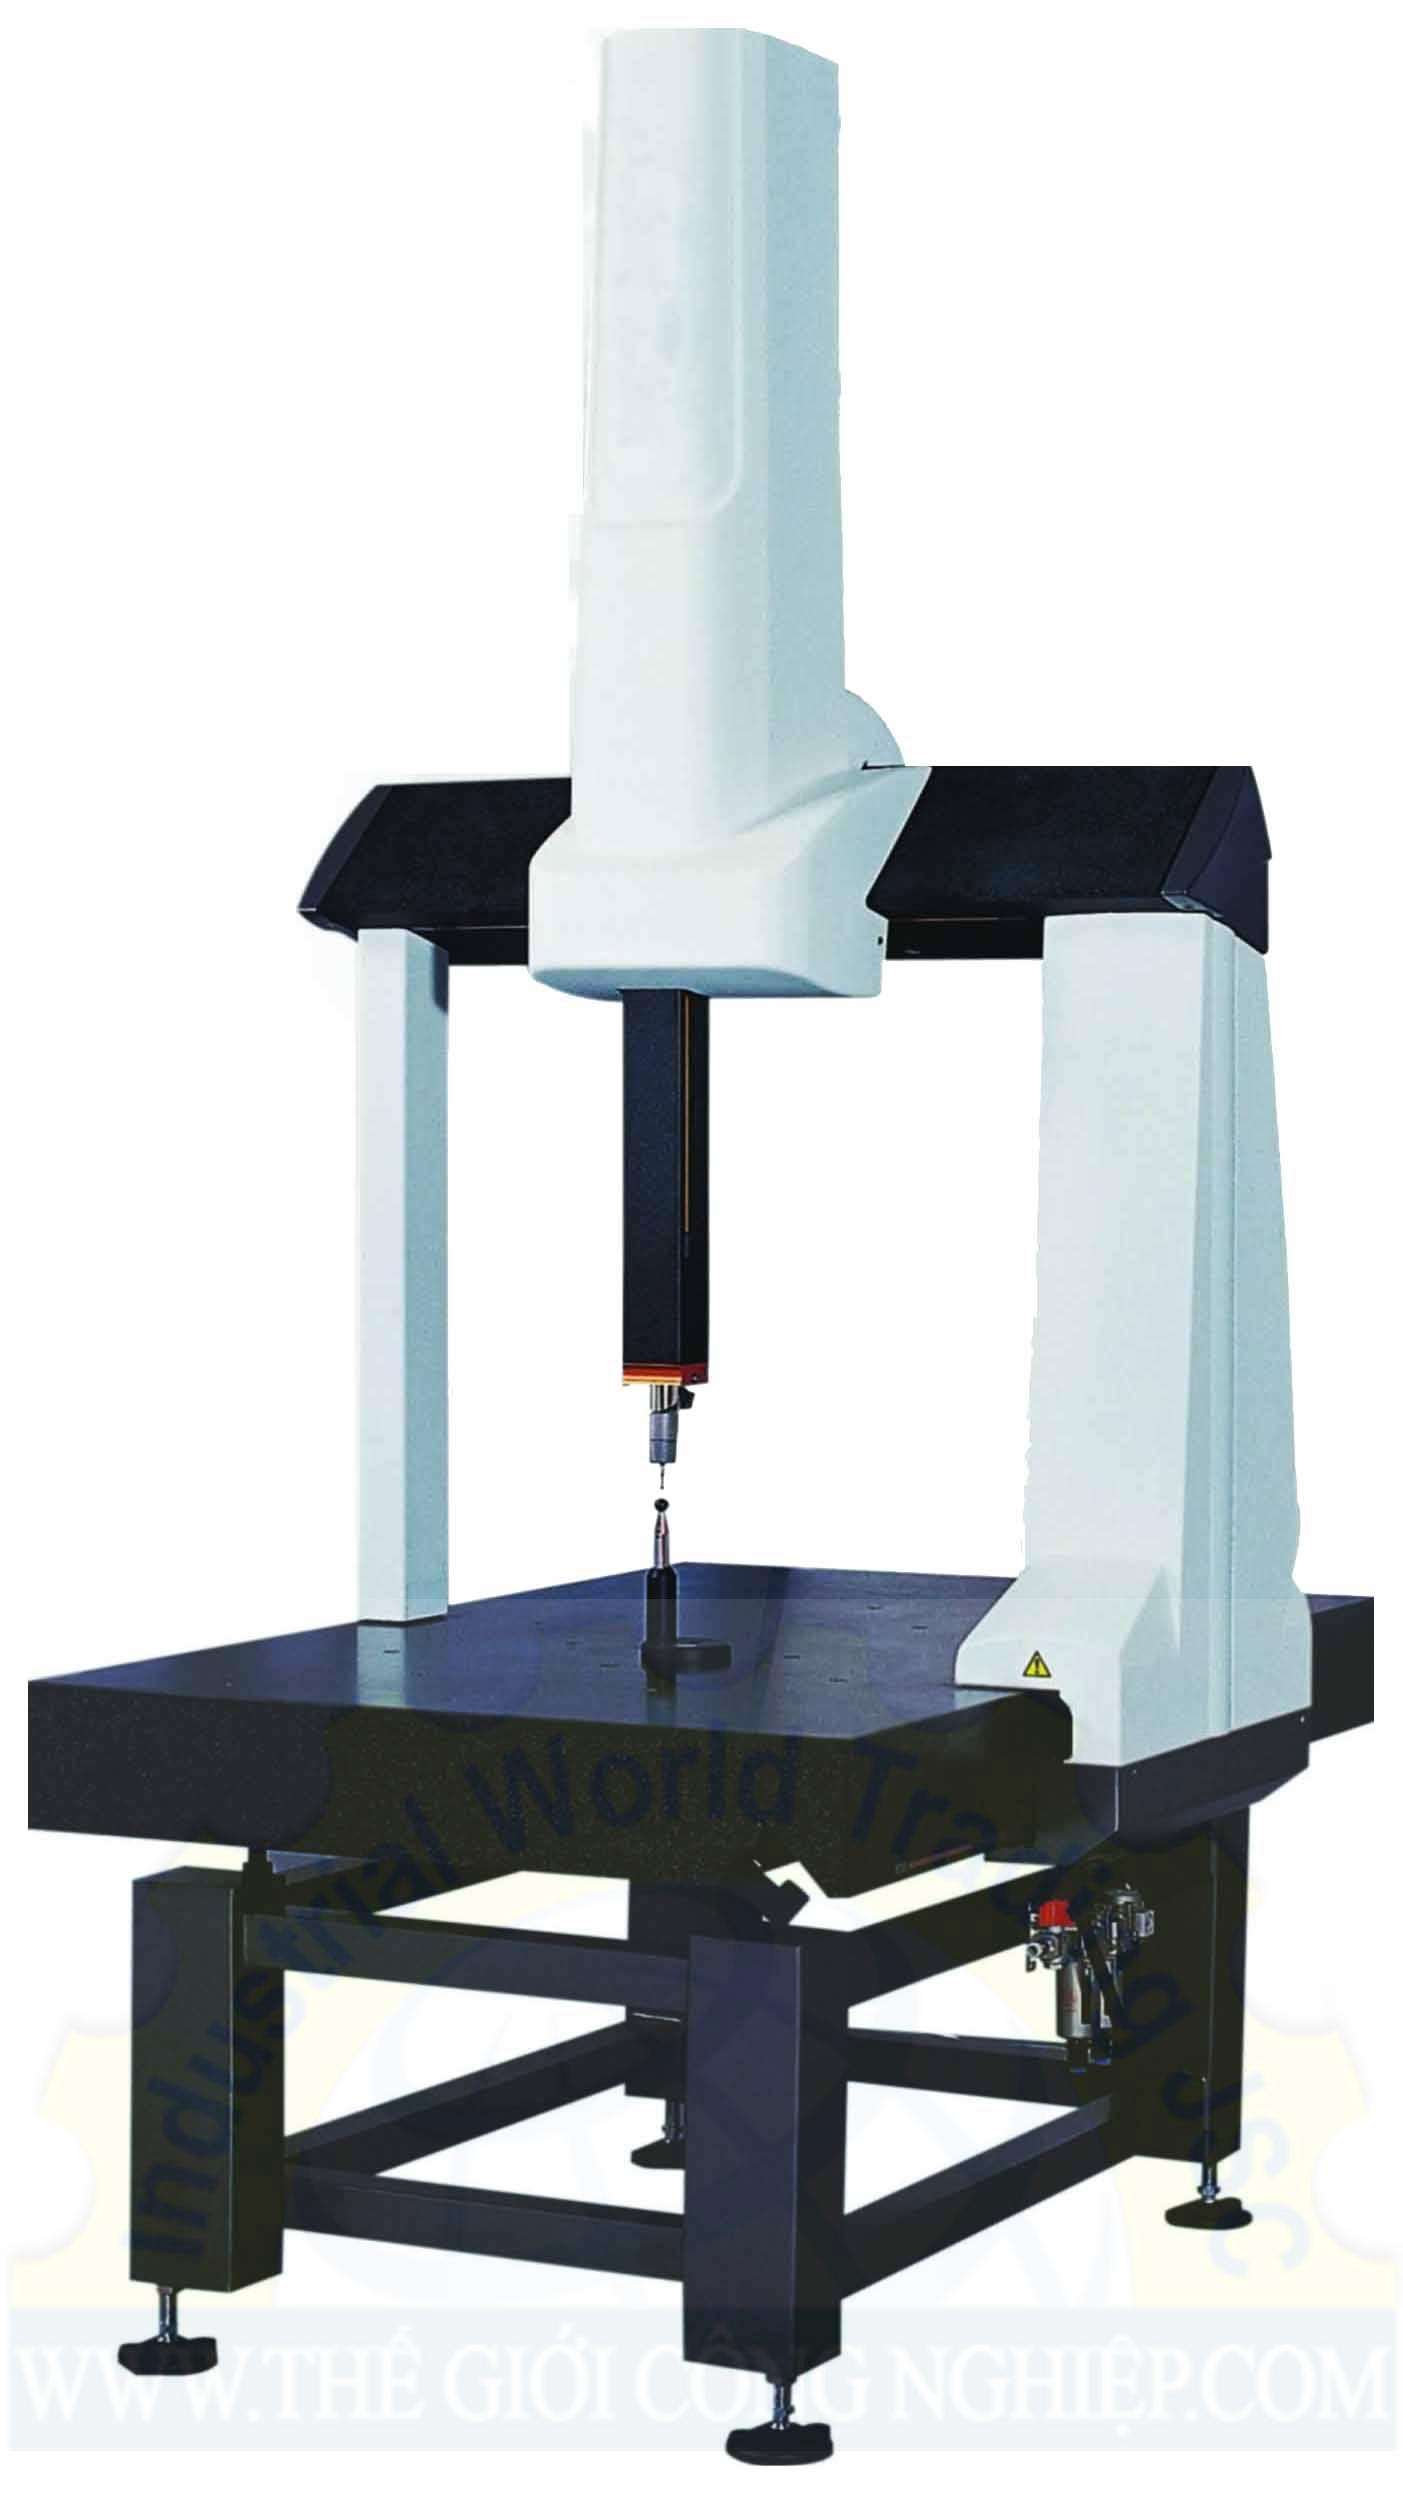 Máy Đo 3 Chiều CMM-T564/ CMM-T686 (Manual) Metrology